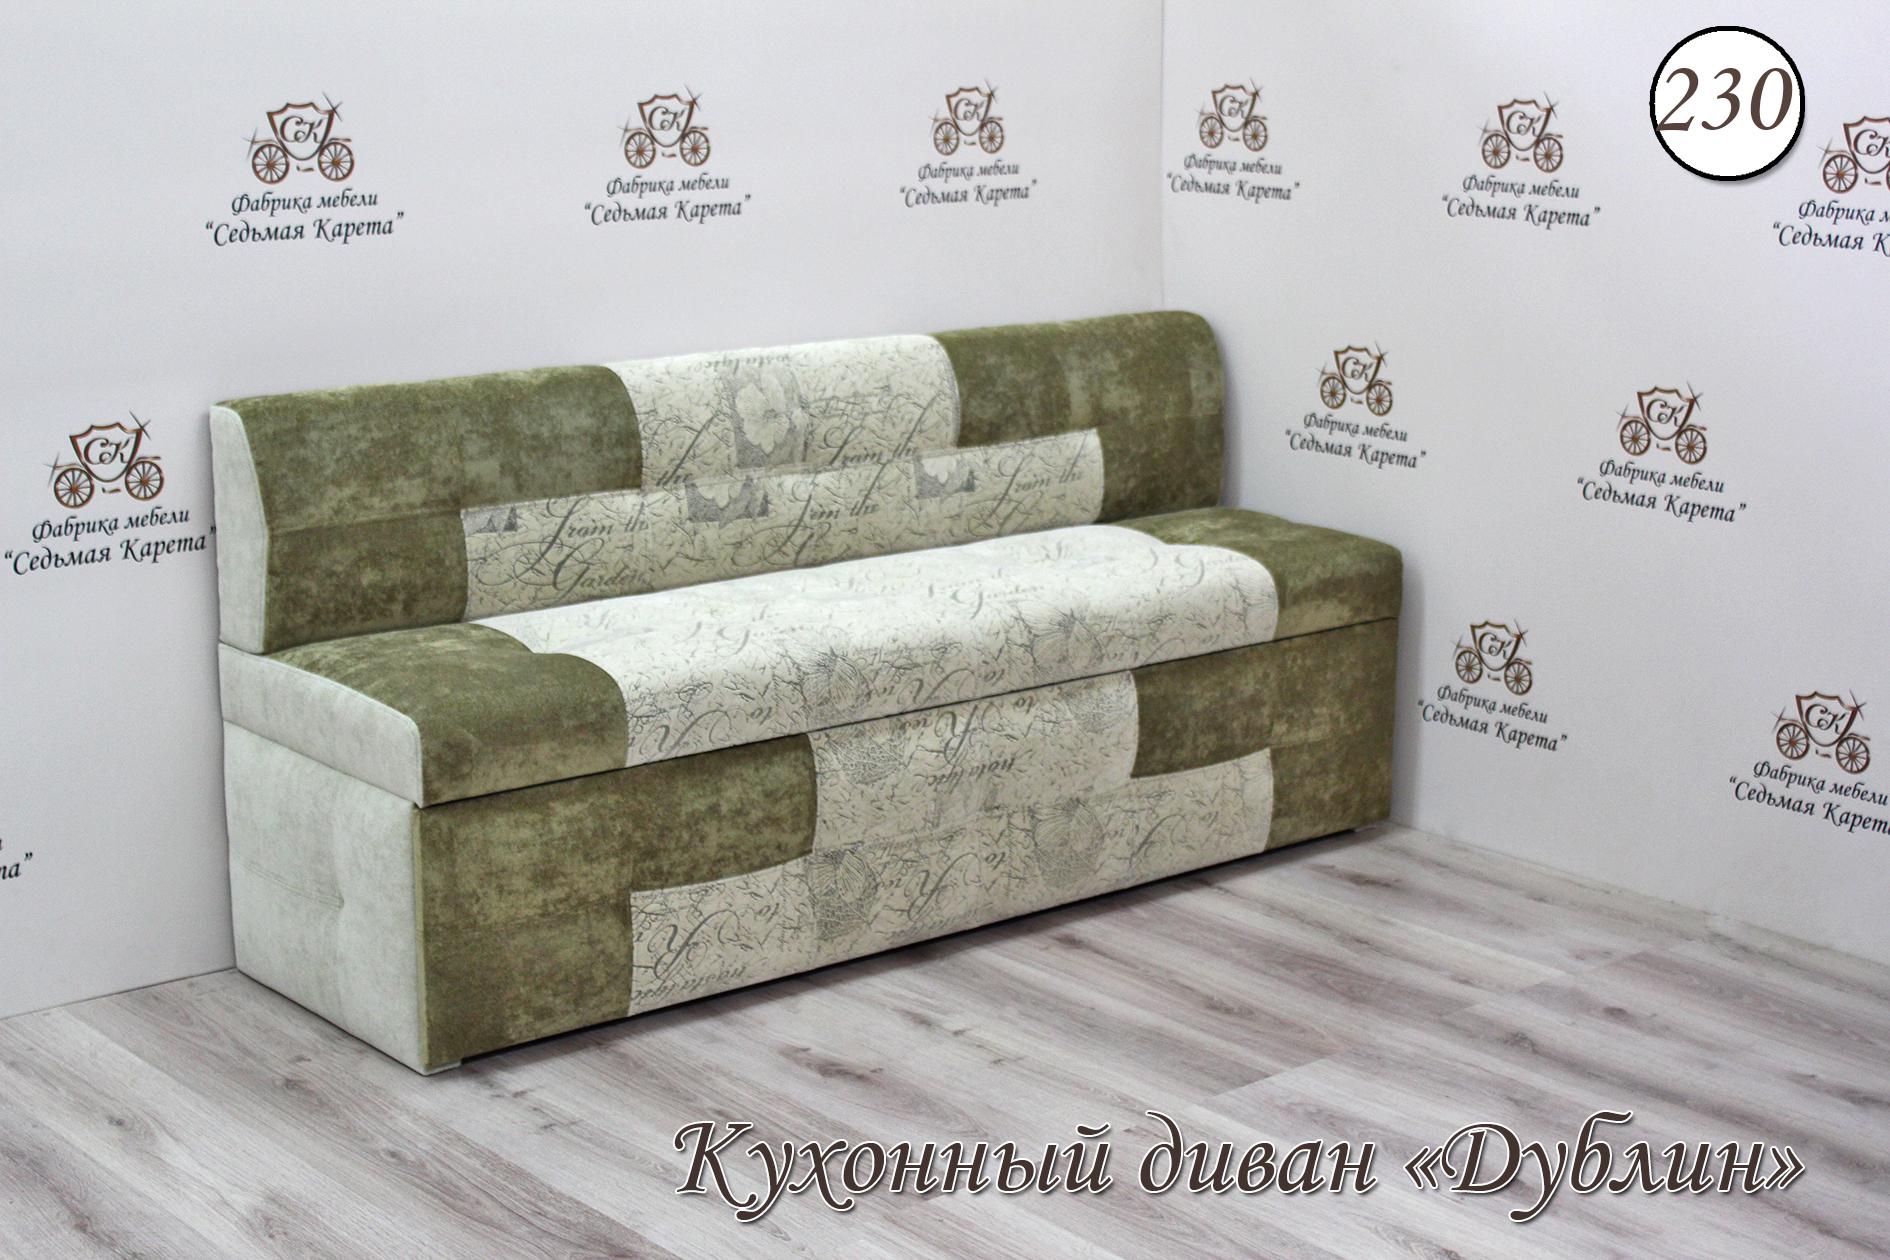 Кухонный диван Дублин-230